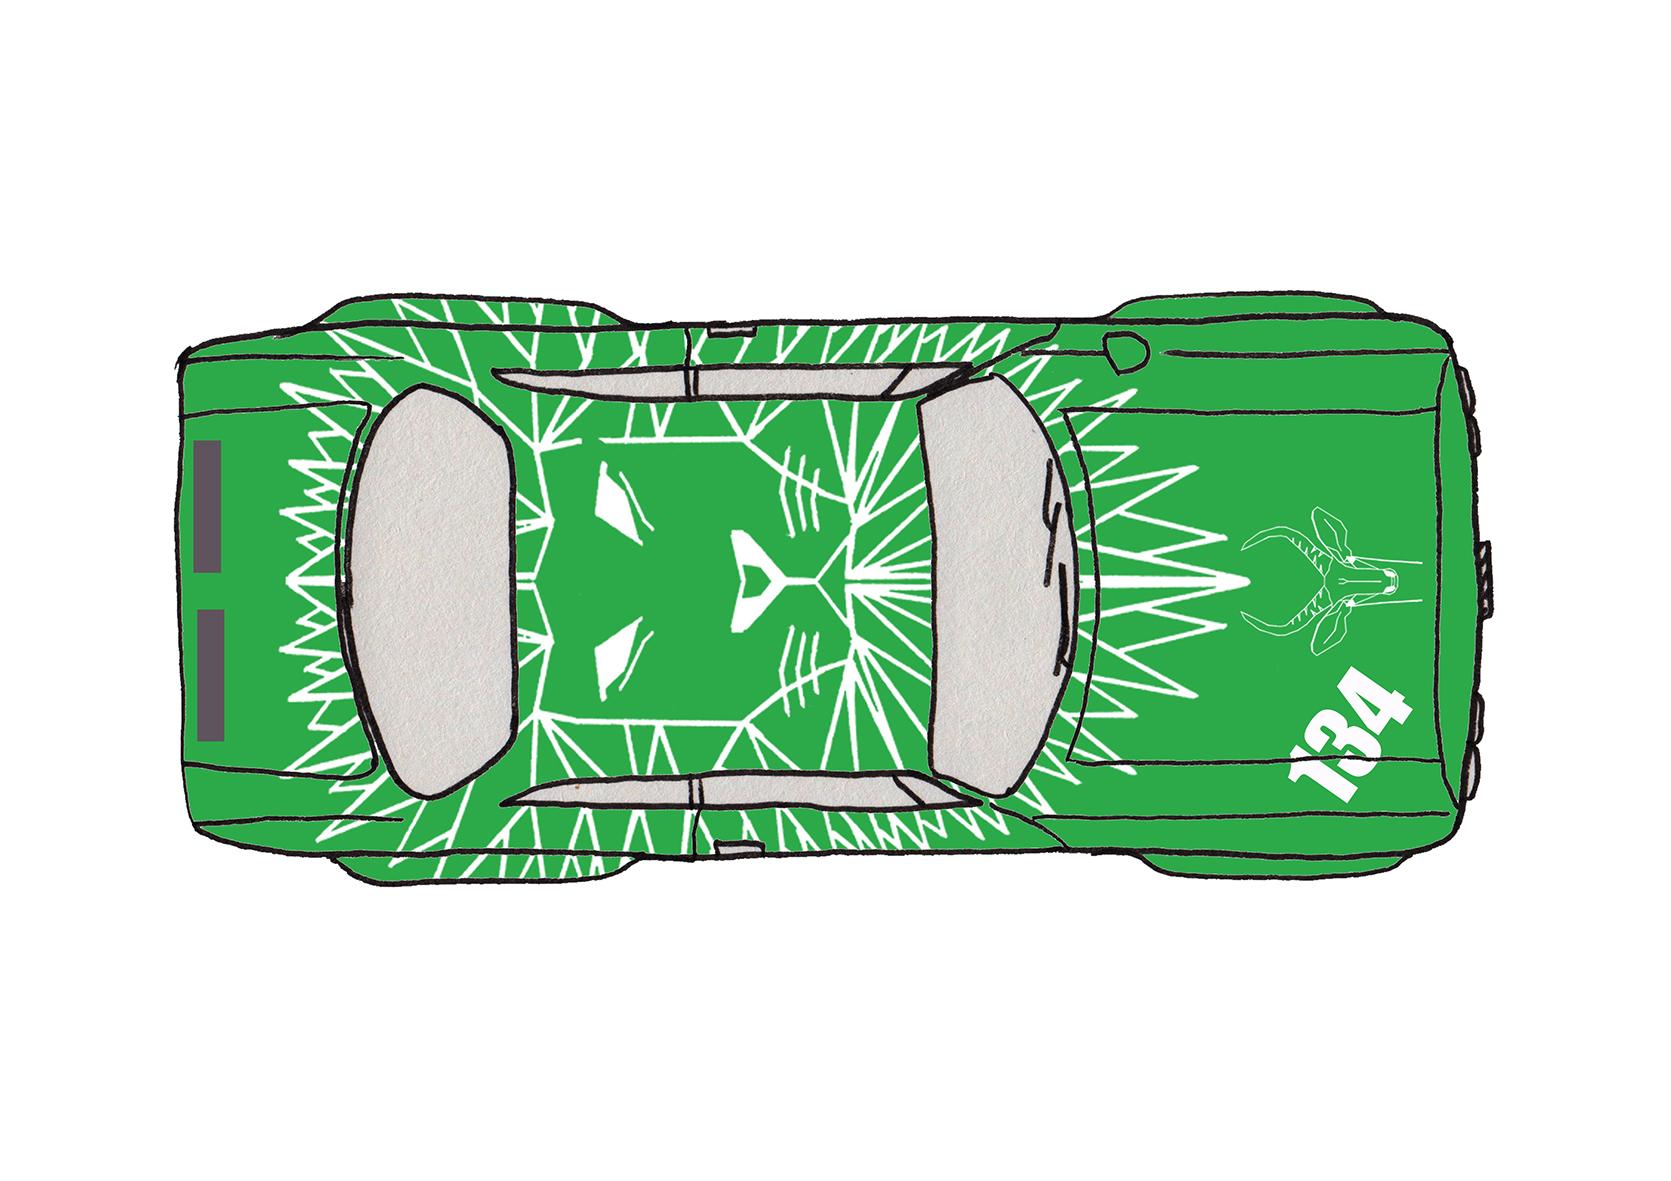 Vinyl Sticker for Race Car